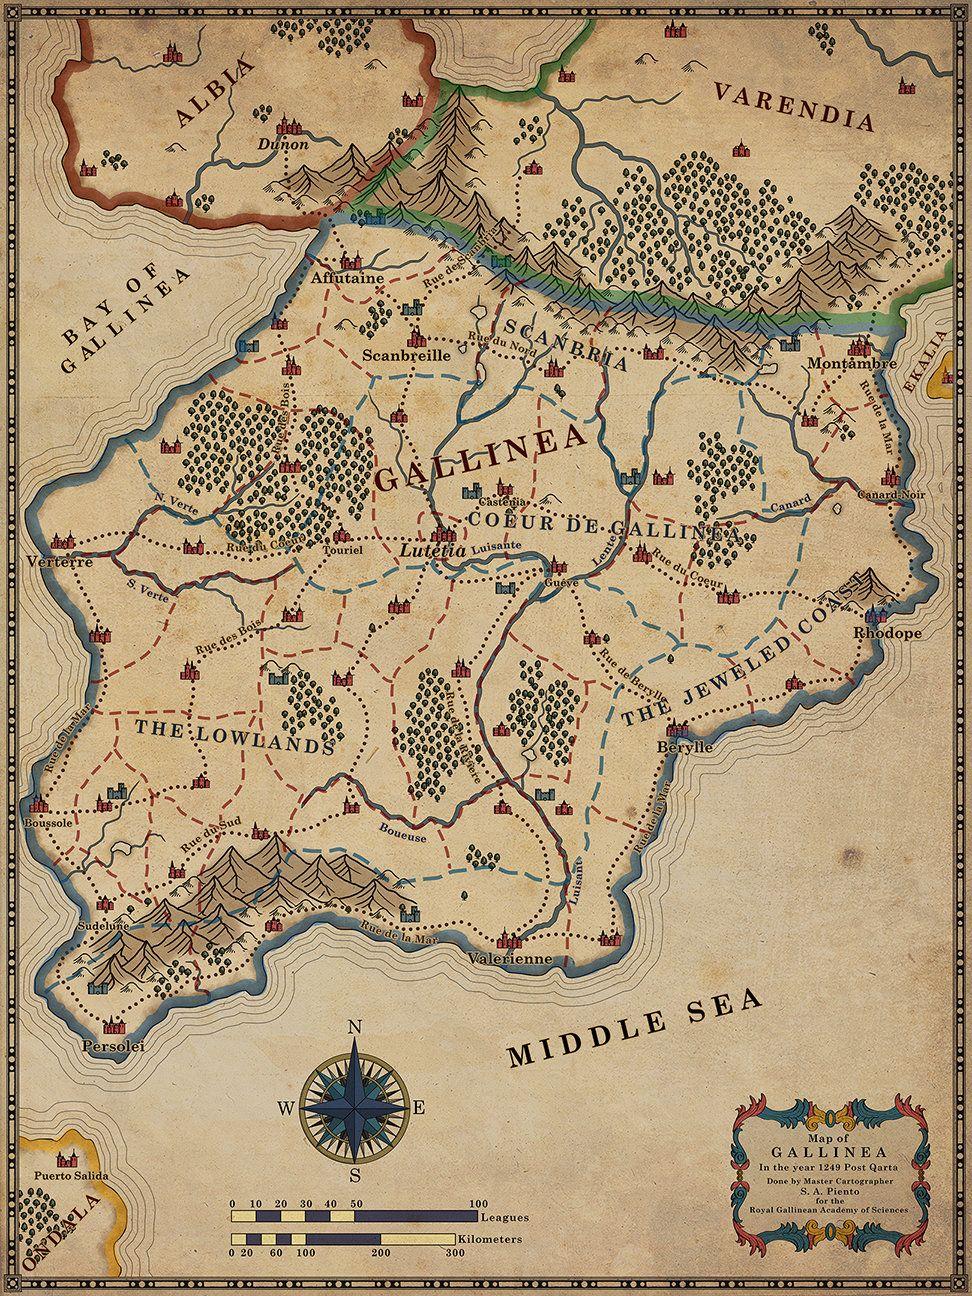 d979732369a8dea5c7faa3bd921d9d3b Dungeon Map Maker on cartoon map maker, battle map maker, village map maker, office map maker, dnd map maker, battletech map maker, city map maker, party map maker, european map maker, country map maker, rpg map maker, d d maps maker, baseball map maker, desert map maker, dutch map maker, town map maker, cute map maker, overworld map maker,